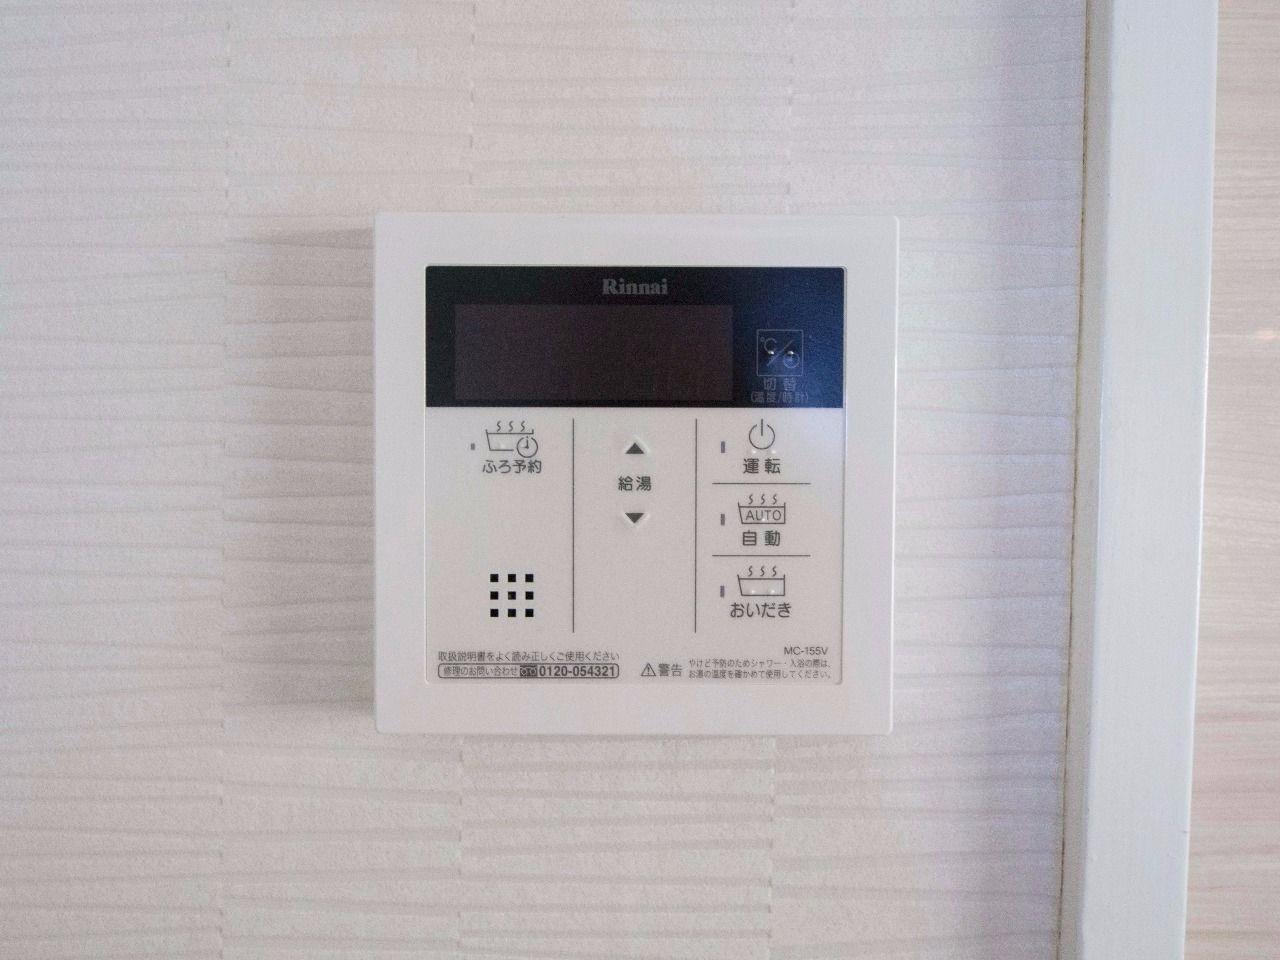 湯温の設定が簡単にできます